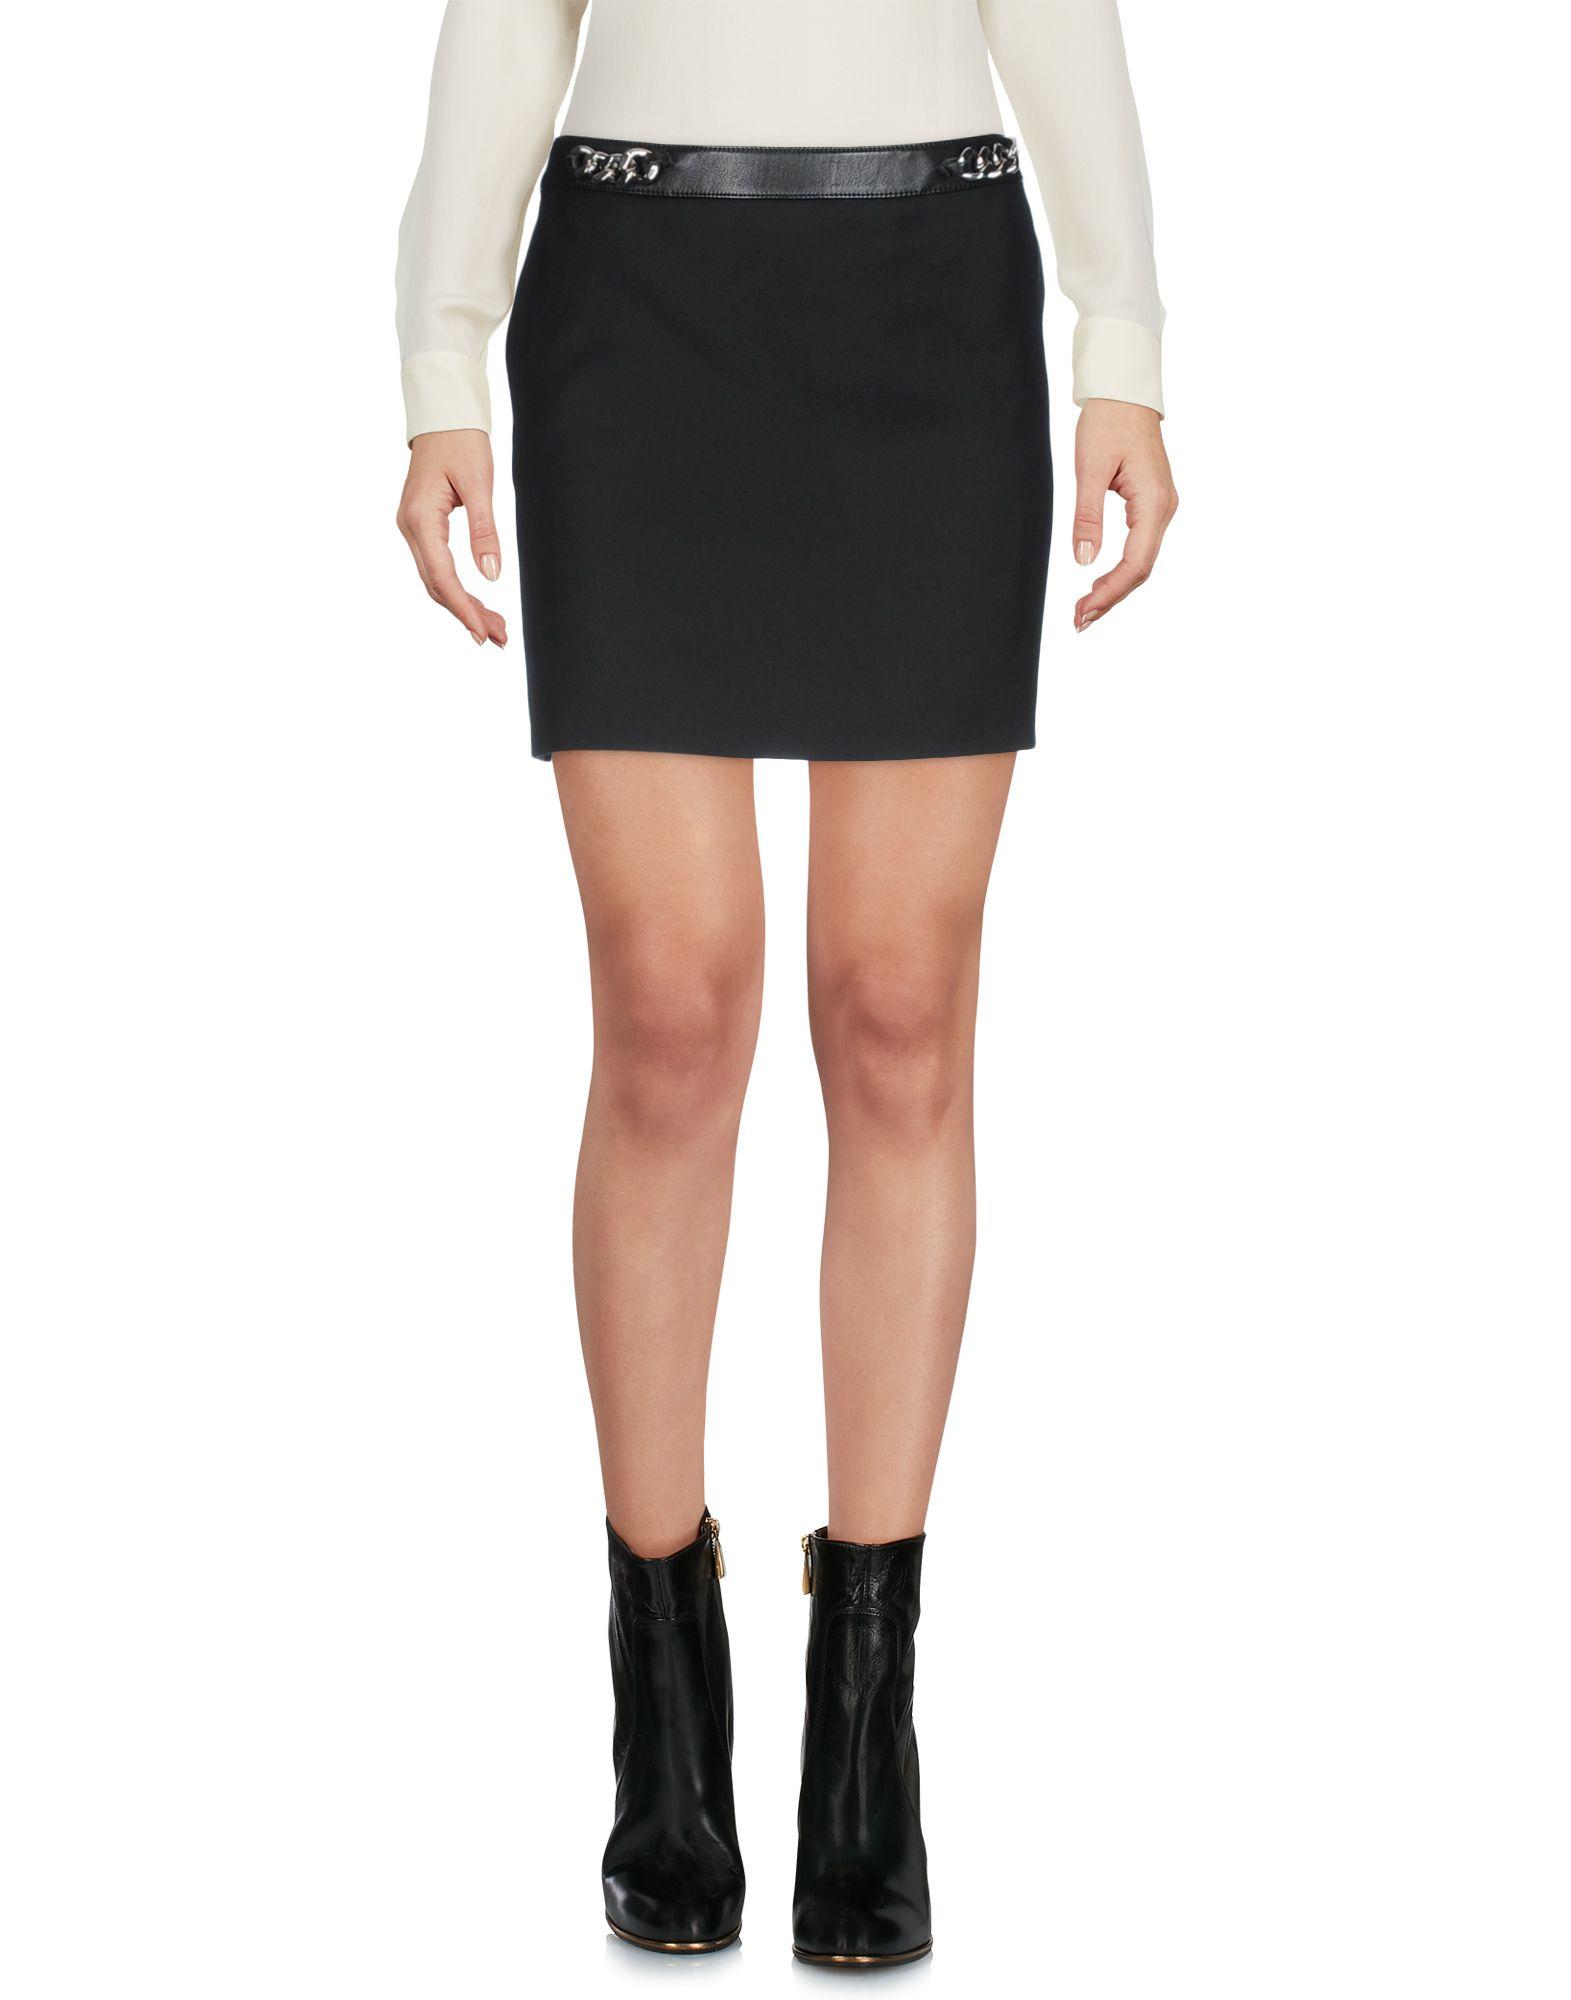 Minigonna Saint Laurent Donna - Acquista online su ipIxbN1